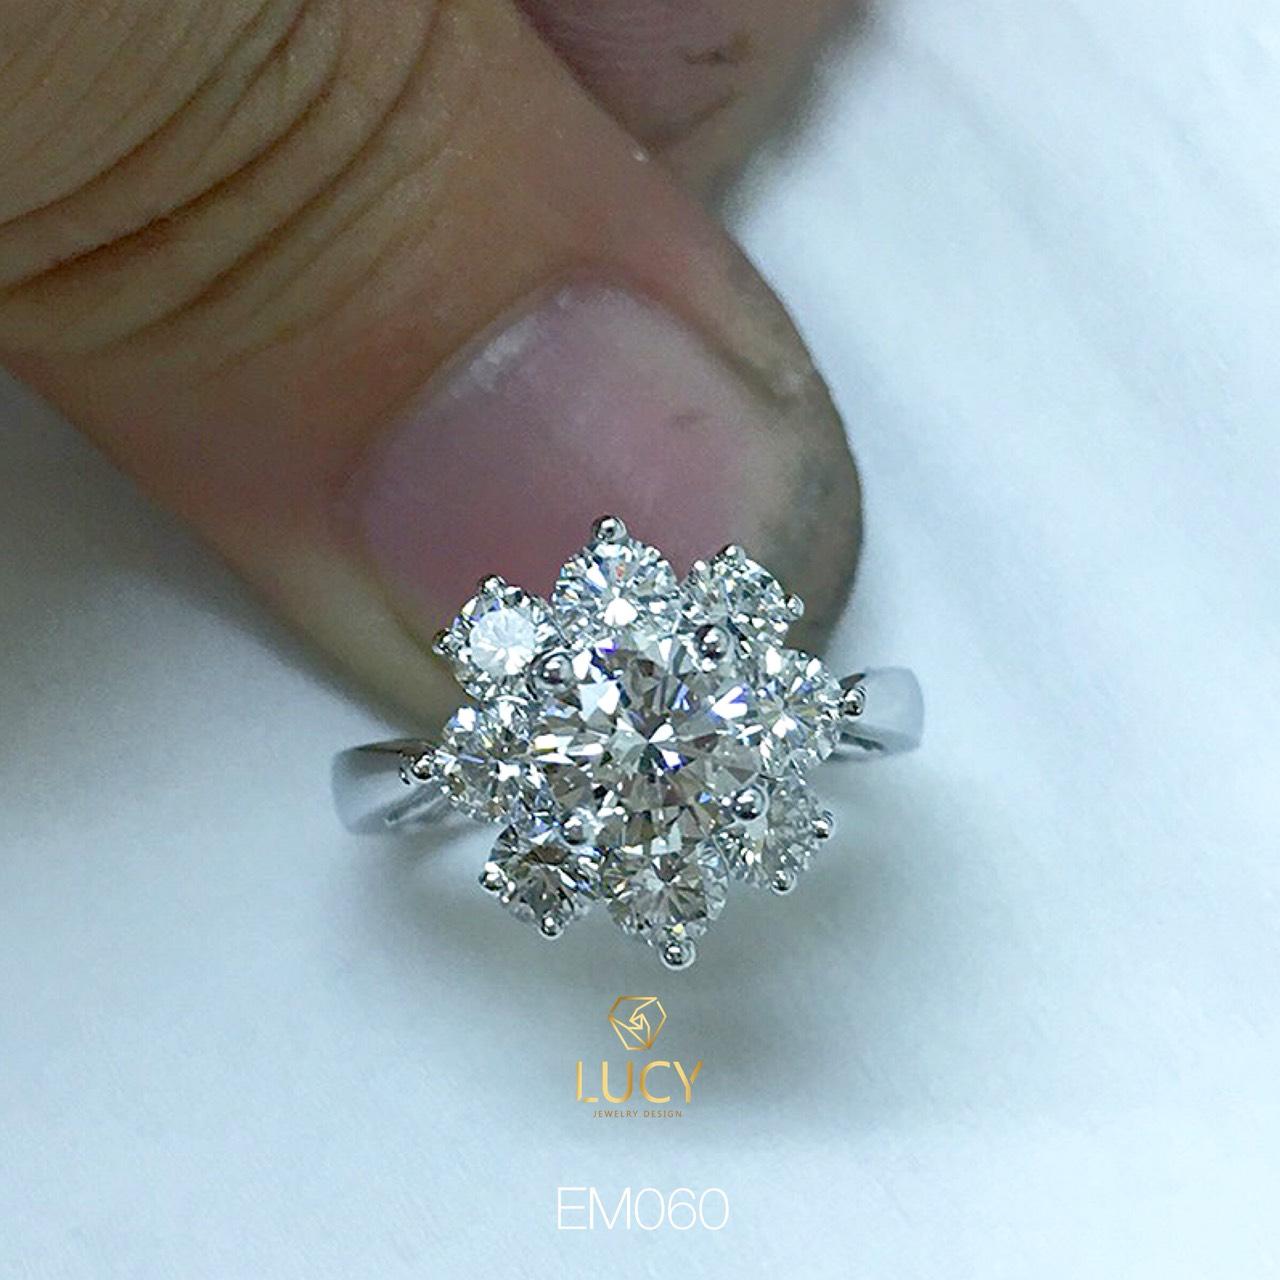 EM060 Nhẫn nữ vàng, nhẫn ổ kim cương 6.3mm 6.5mm, nhẫn nữ thiết kế, nhẫn cầu hôn, nhẫn đính hôn - Lucy Jewelry